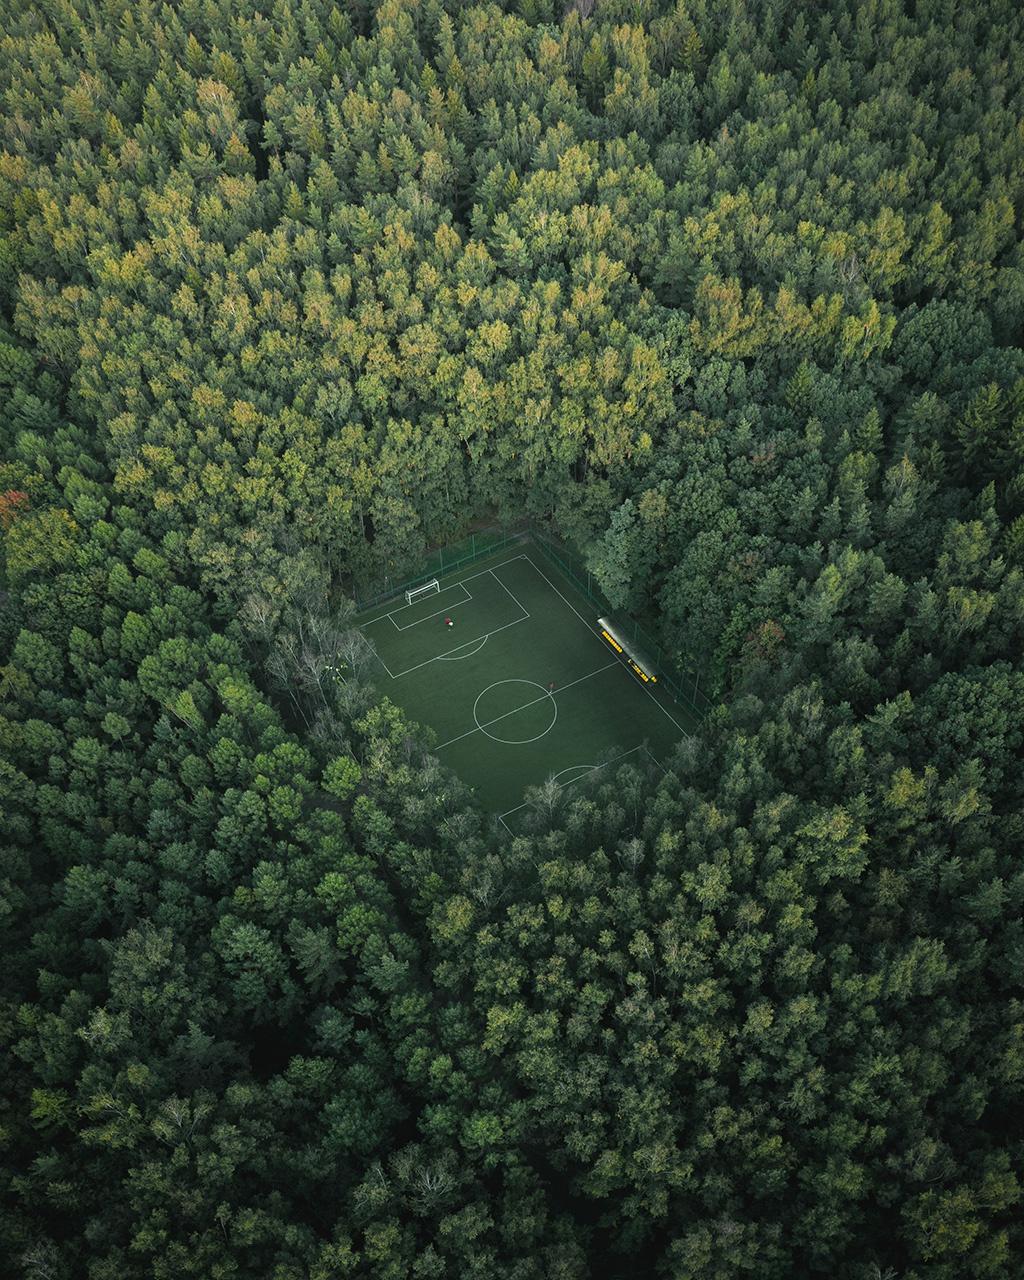 """Pikalov đã ghi lại khung cảnh sân bóng đá """"lọt thỏm"""" giữa công viên Meshchersky, Moscow, Nga. """"Với bức ảnh này, tôi đã cố gắng truyền đạt quy mô của một khu rừng xanh rậm rạp. Sân bóng ẩn khuất được bao quanh bởi những tán cây hùng vĩ là điểm nhấn."""" Màu xanh bao phủ của cây cối, sân bóng tạo ra ảnh chụp ấn tượng nhìn từ flycam."""